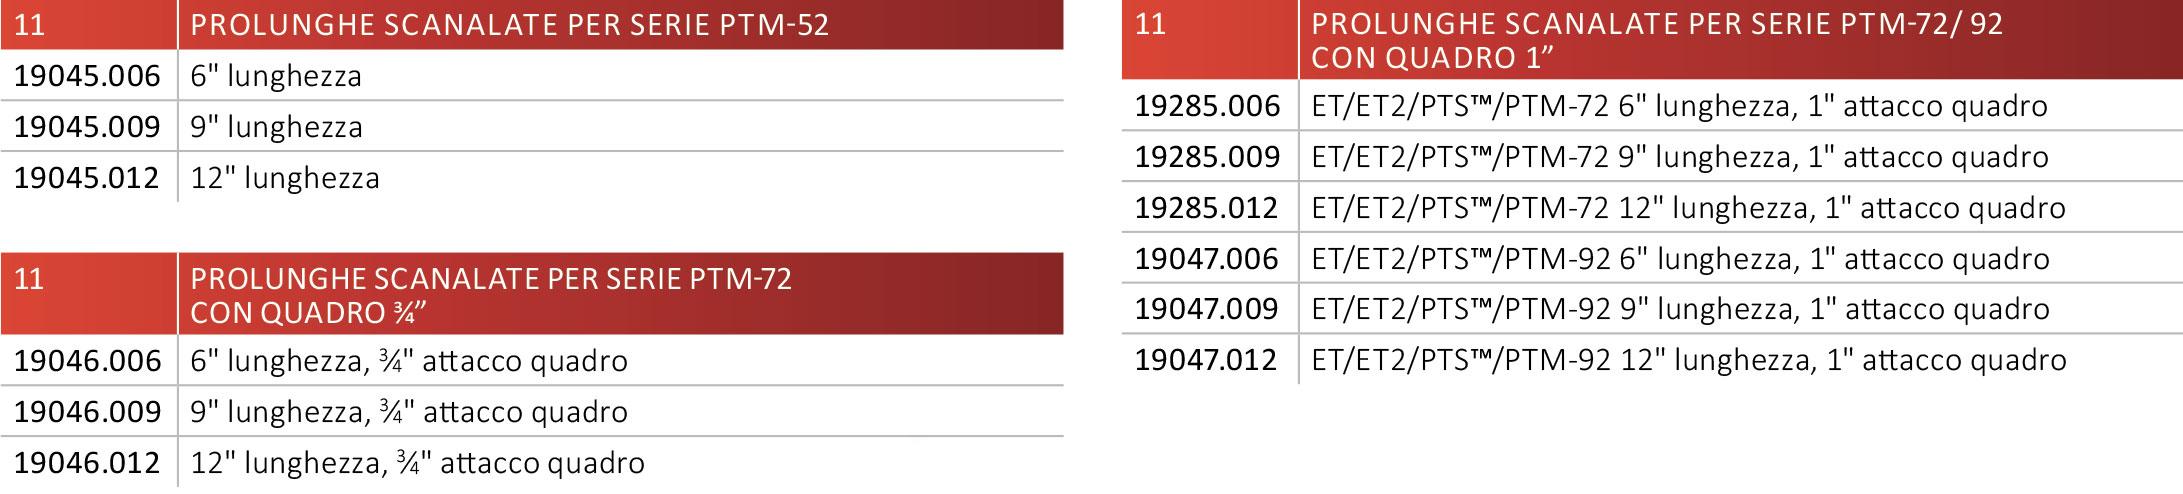 tabella modelli prolunghe scanalate